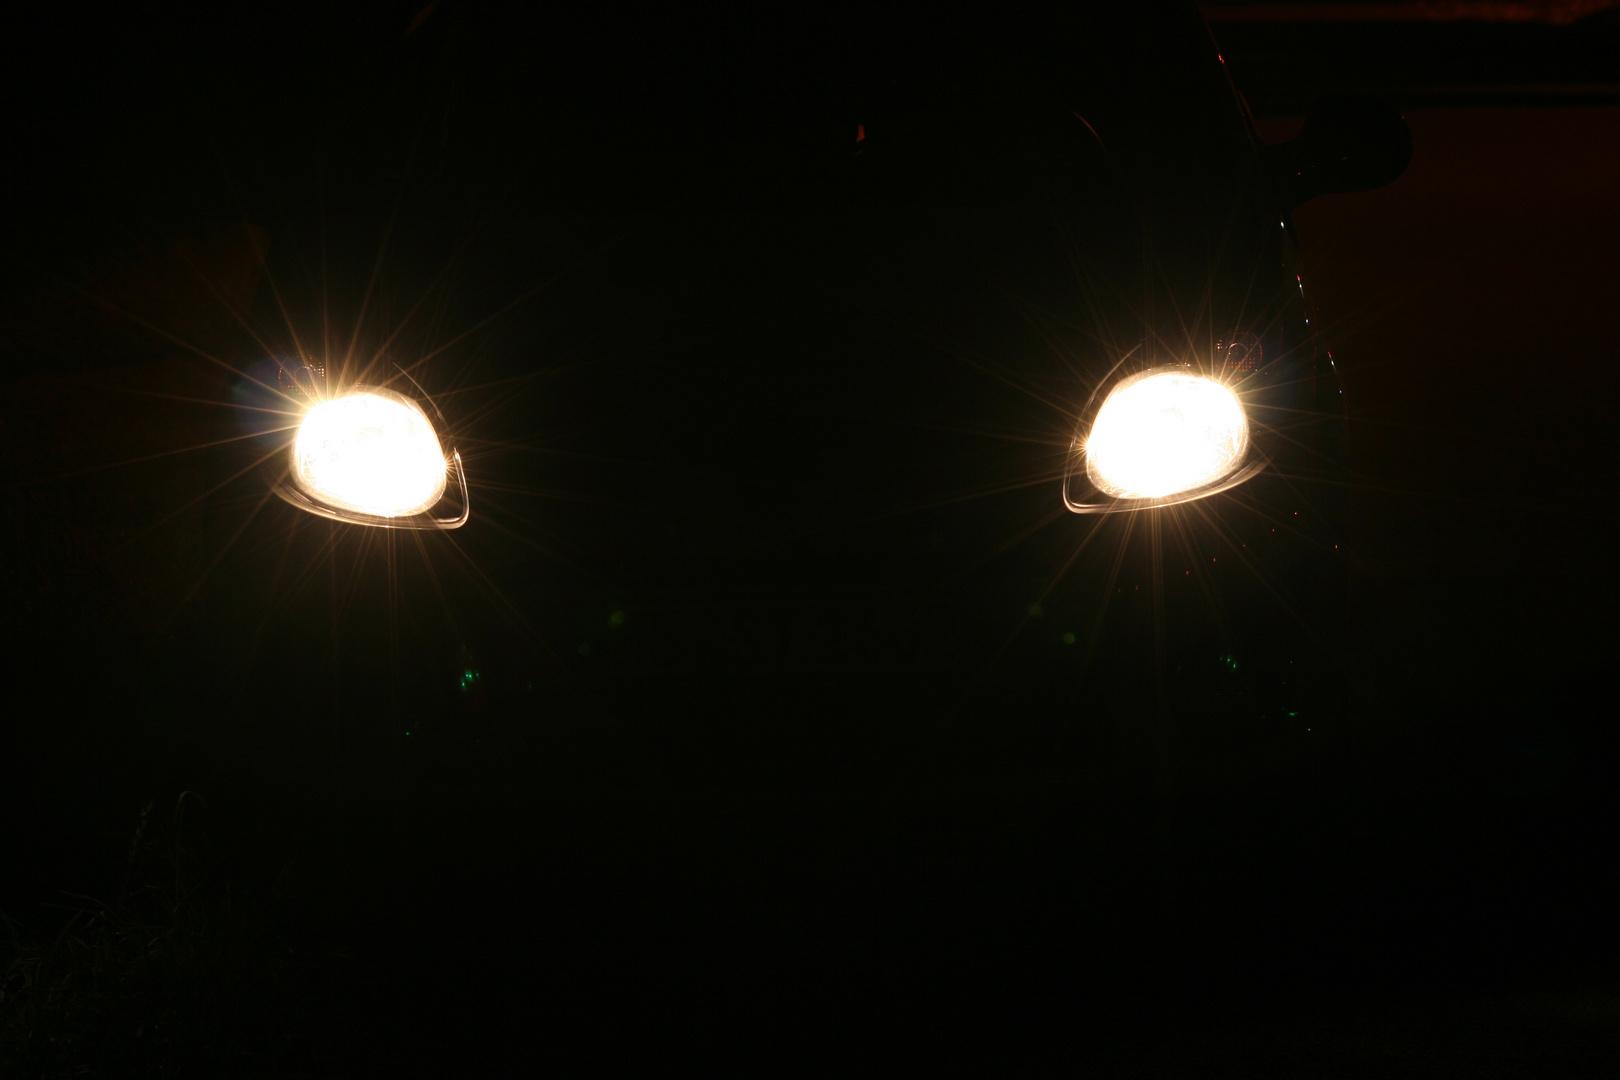 Lichtspiele bei Nacht